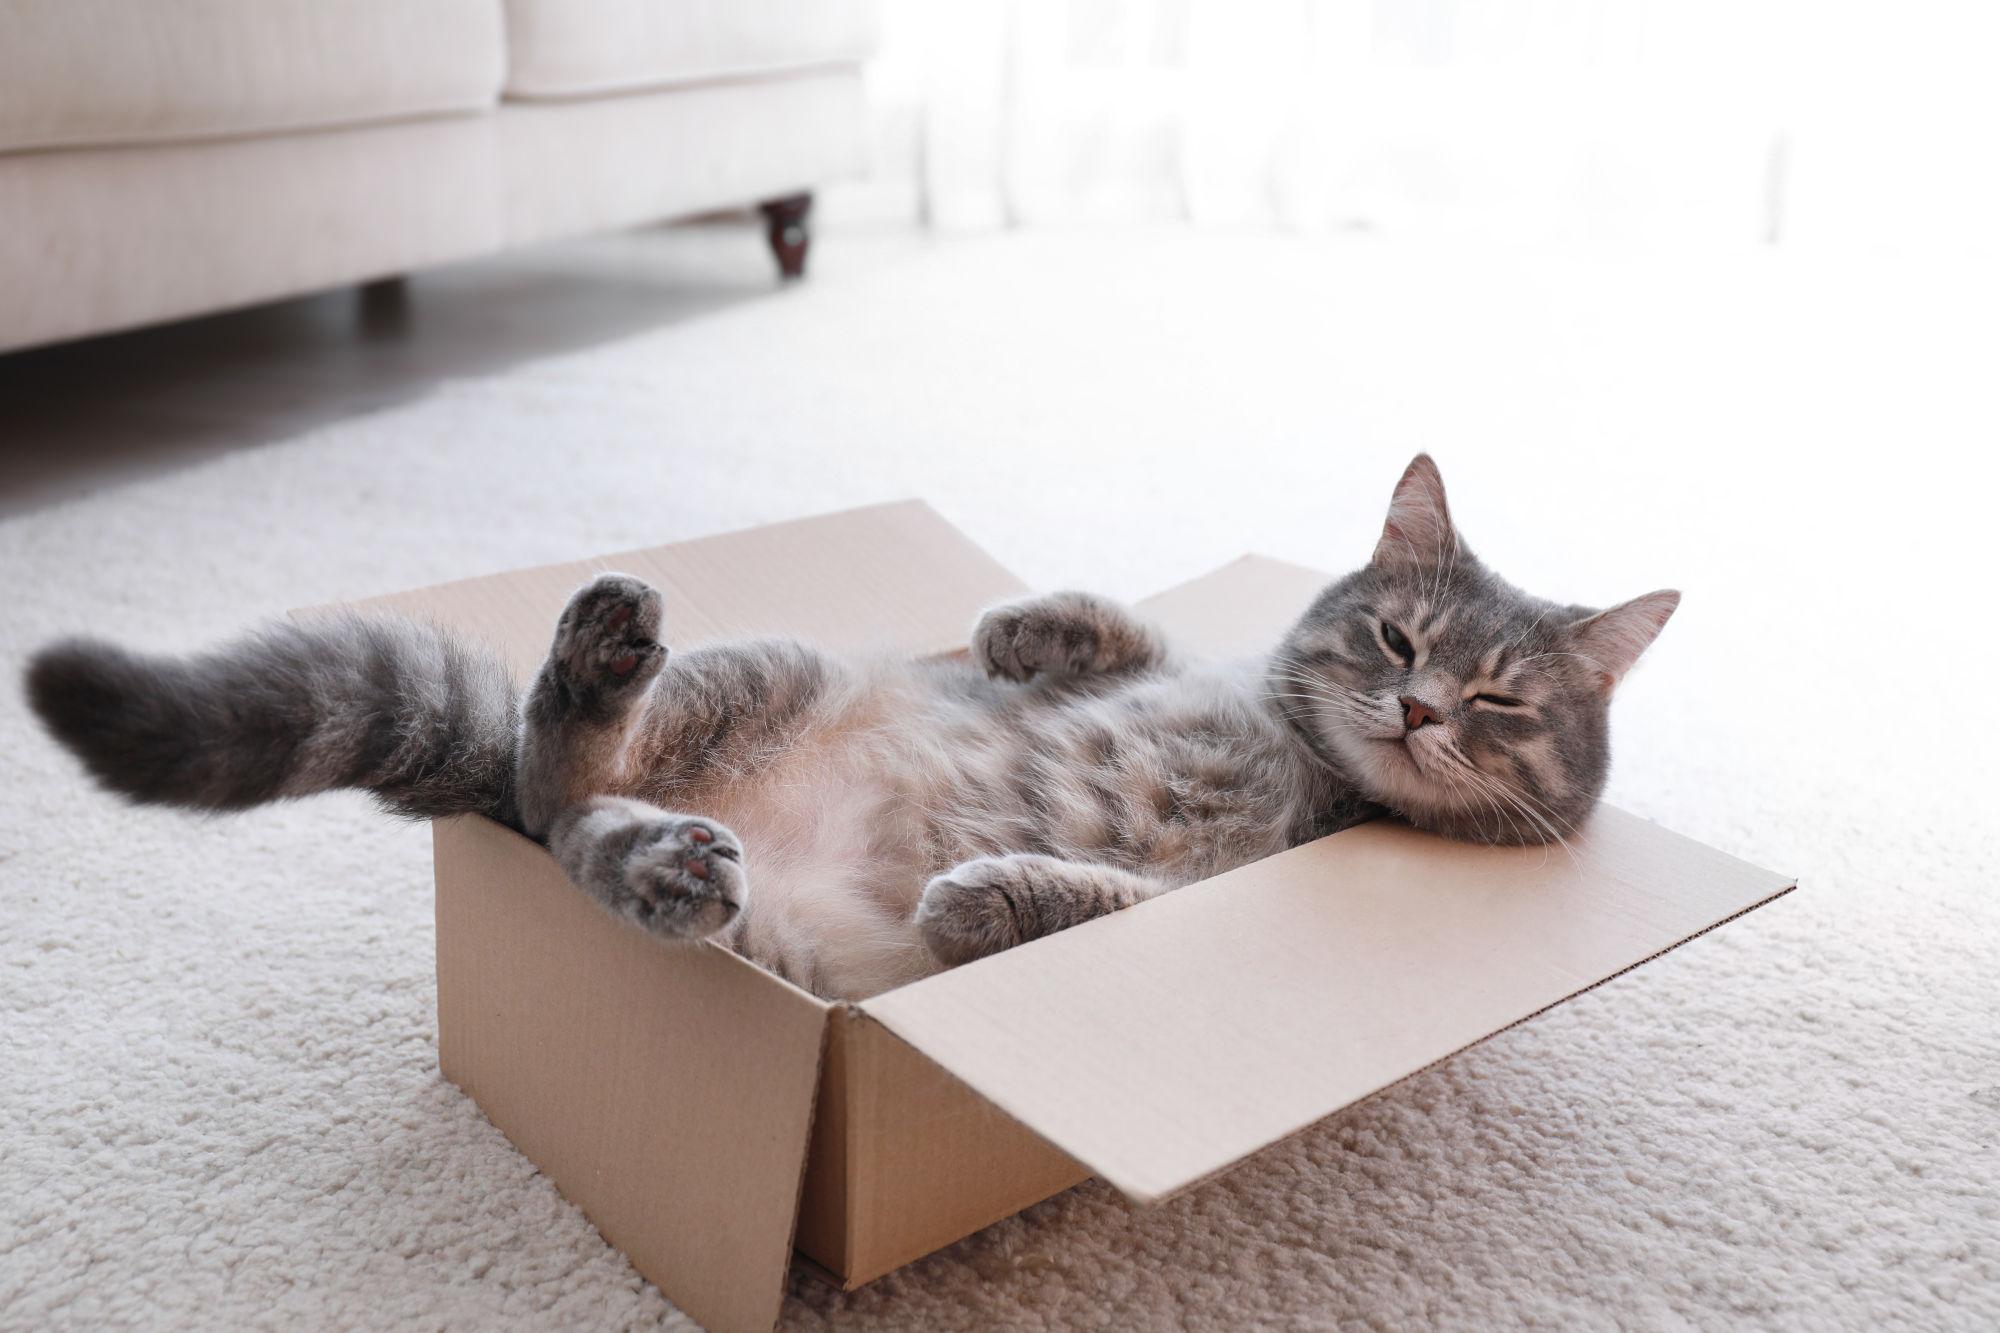 gato en un caja durmiendo